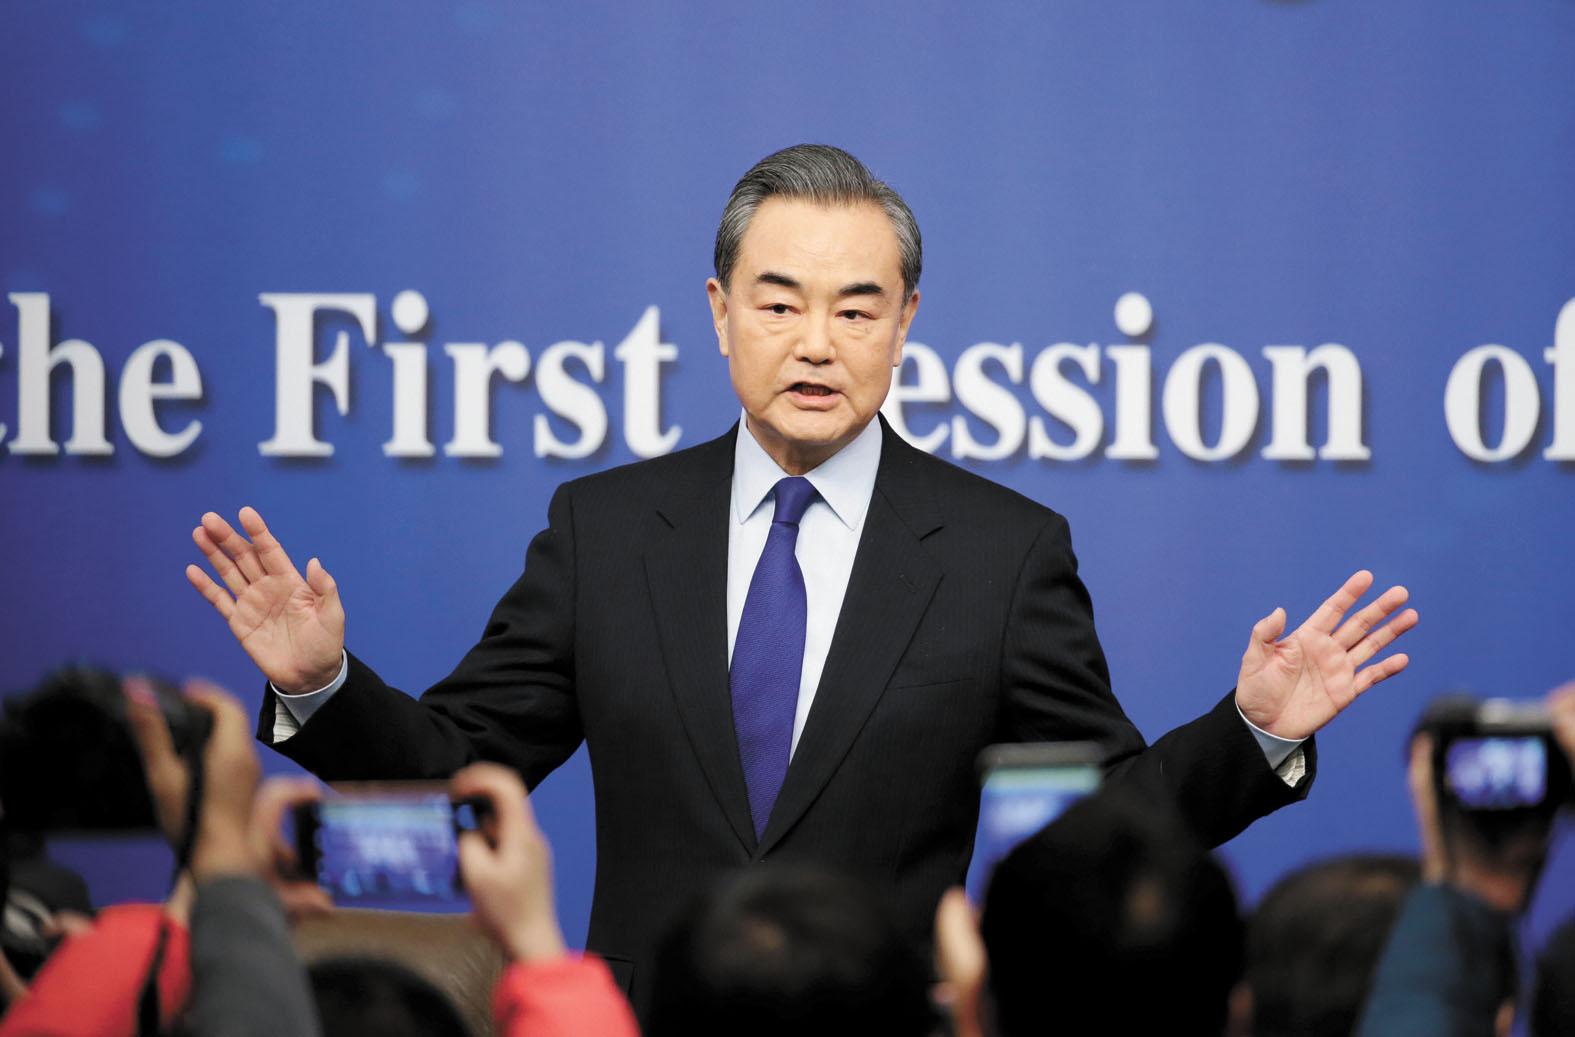 王毅表示,中美關係歷經風雨,但對話合作始終是主線。路透社